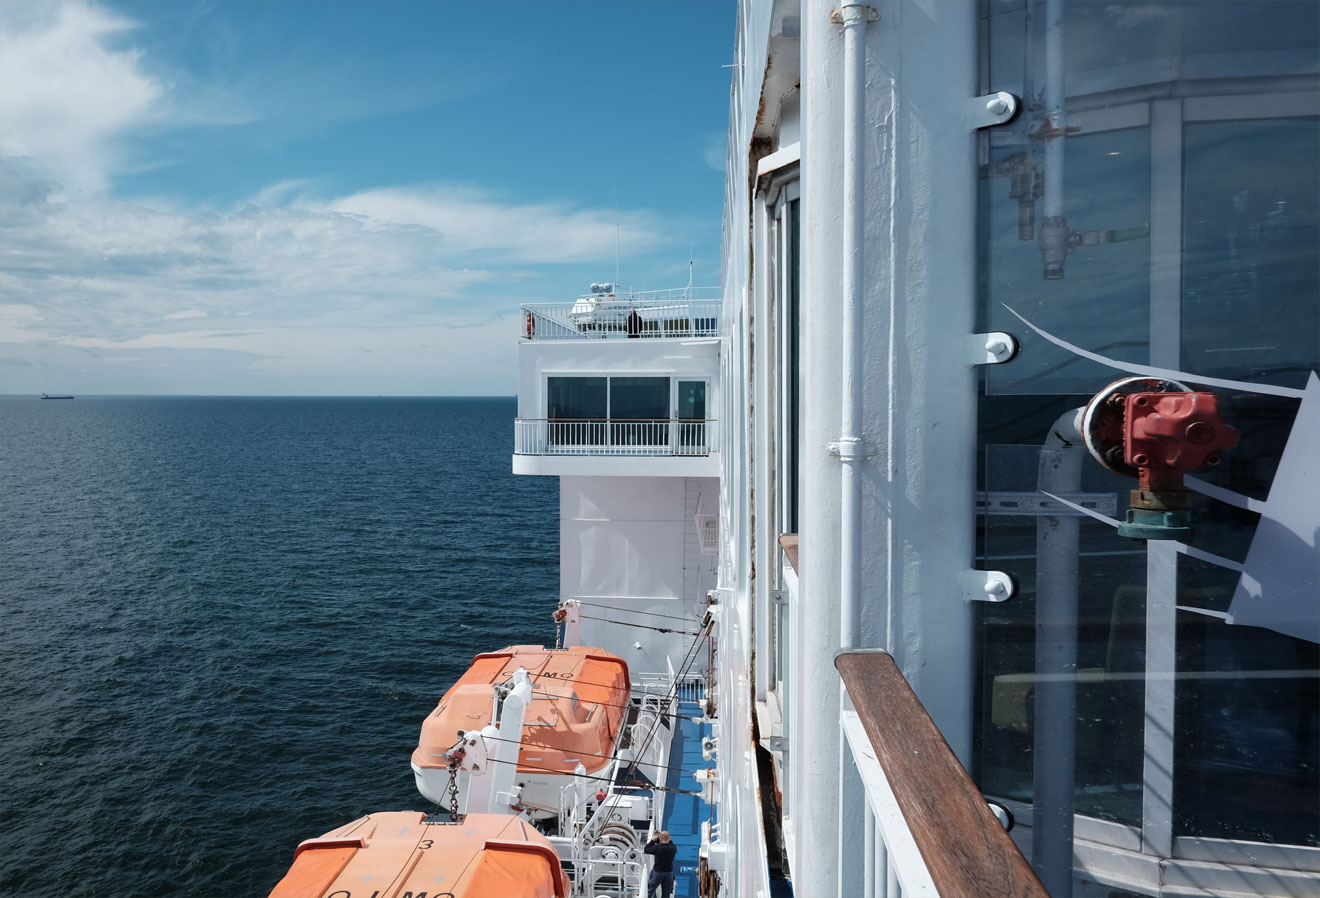 Blick vom Schiff aufs Meer